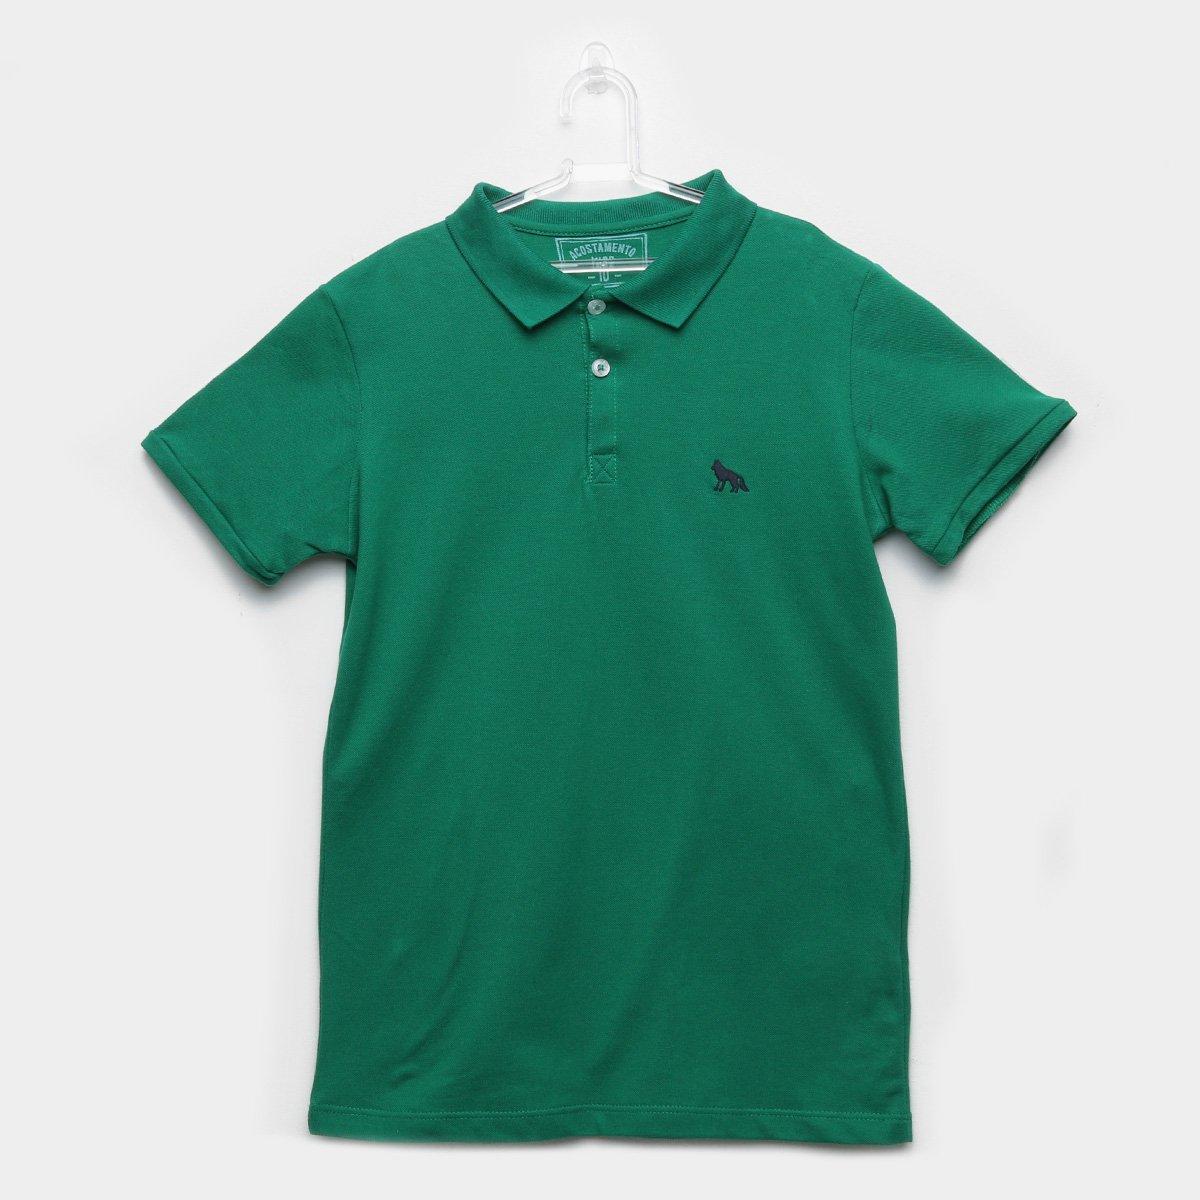 f4491d900db18 Camisa Polo Infantil Acostamento Detalhe Bordado Masculina - Verde - Compre  Agora